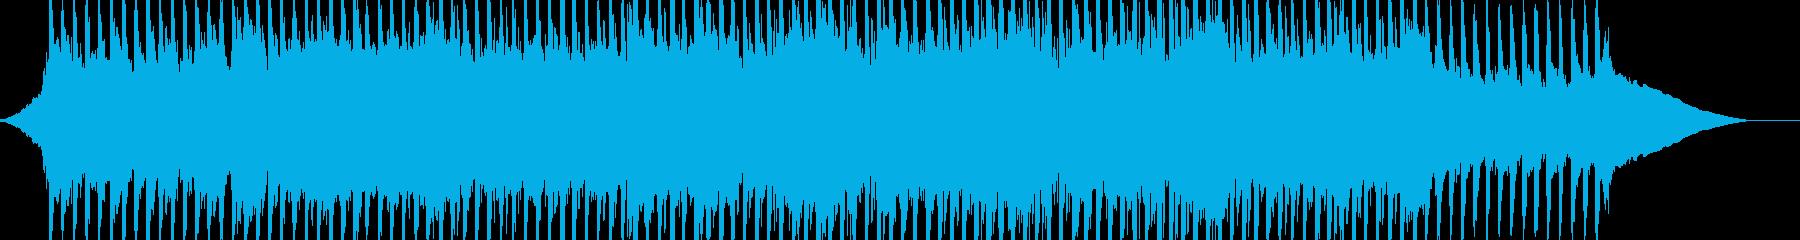 力強く羽ばたいていく爽やかなイメージの曲の再生済みの波形